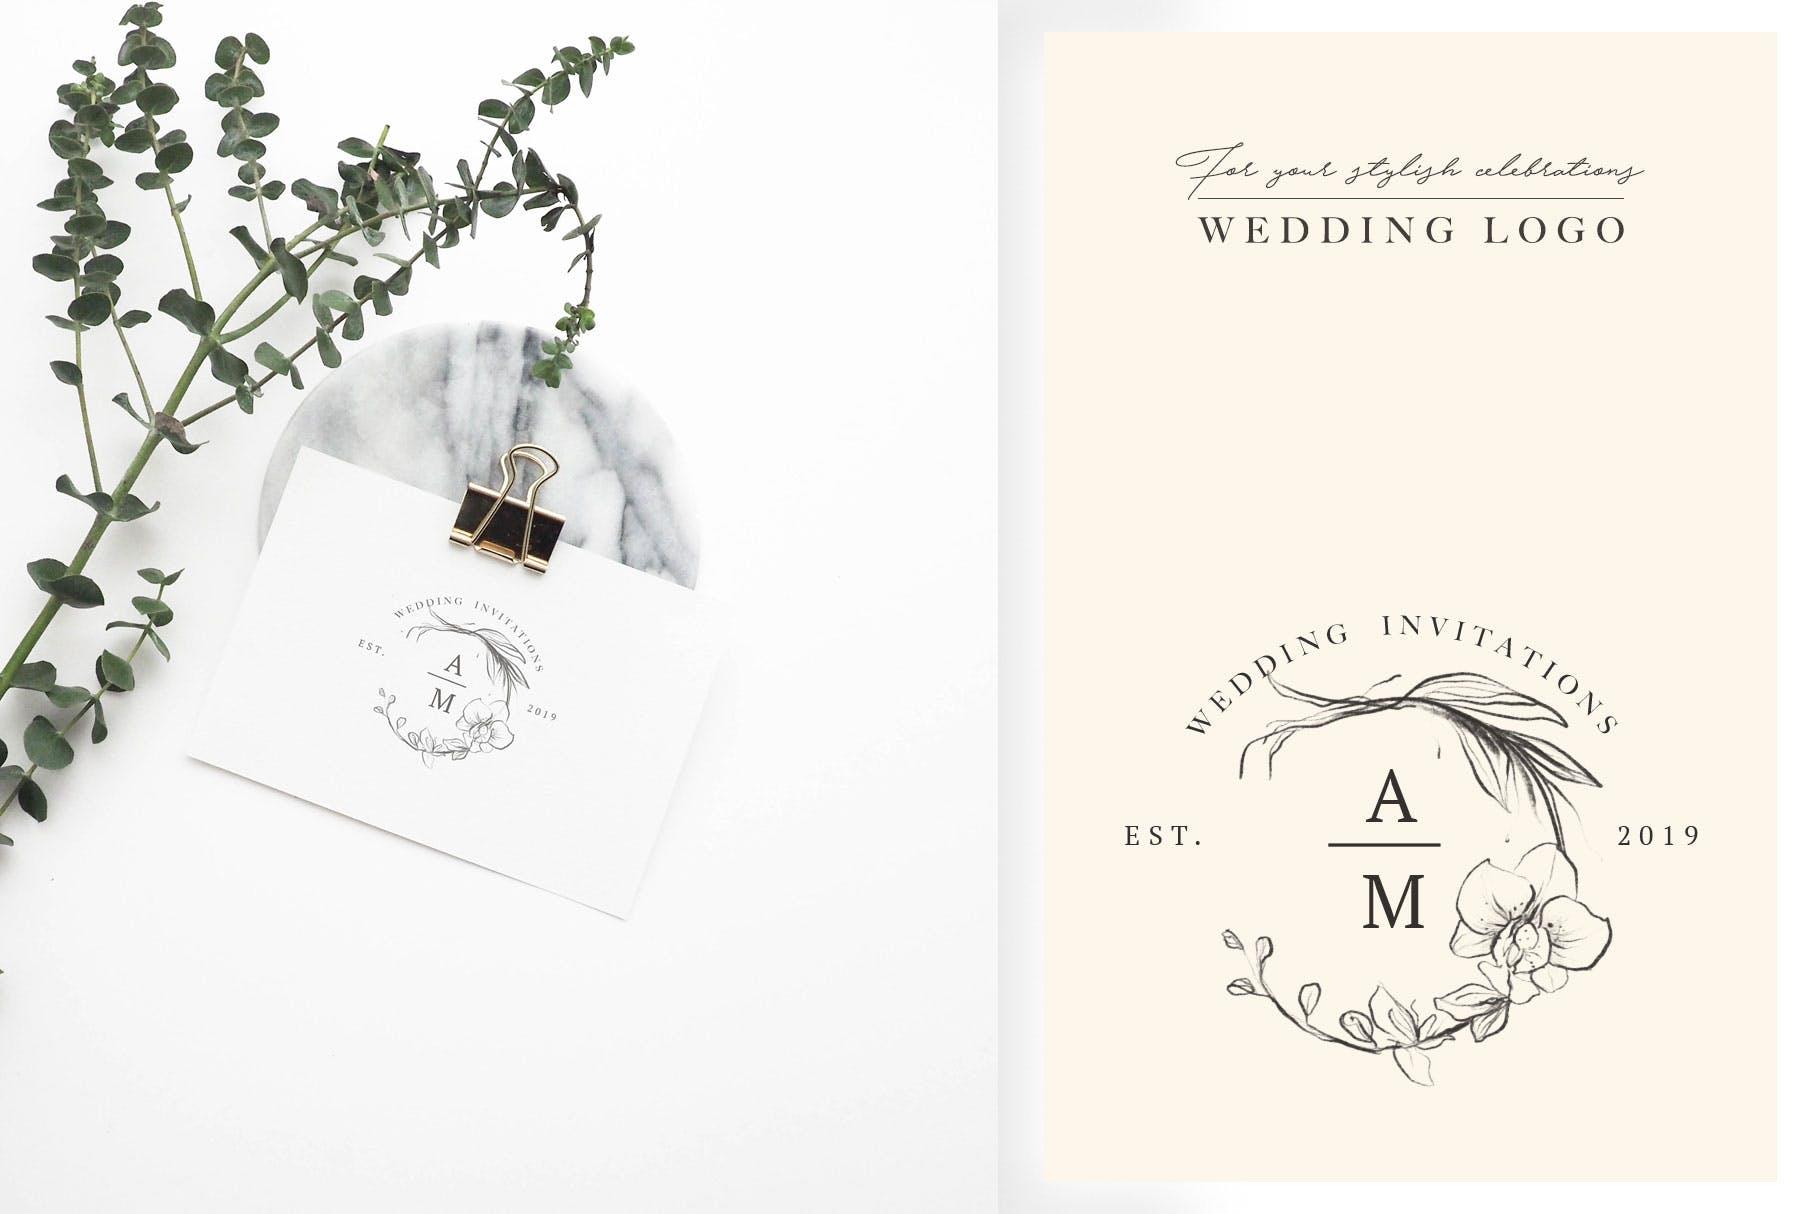 优秀的石墨仿铅笔图形组图案花纹素材Wedding Graphic Logo Pencil Flower插图(3)